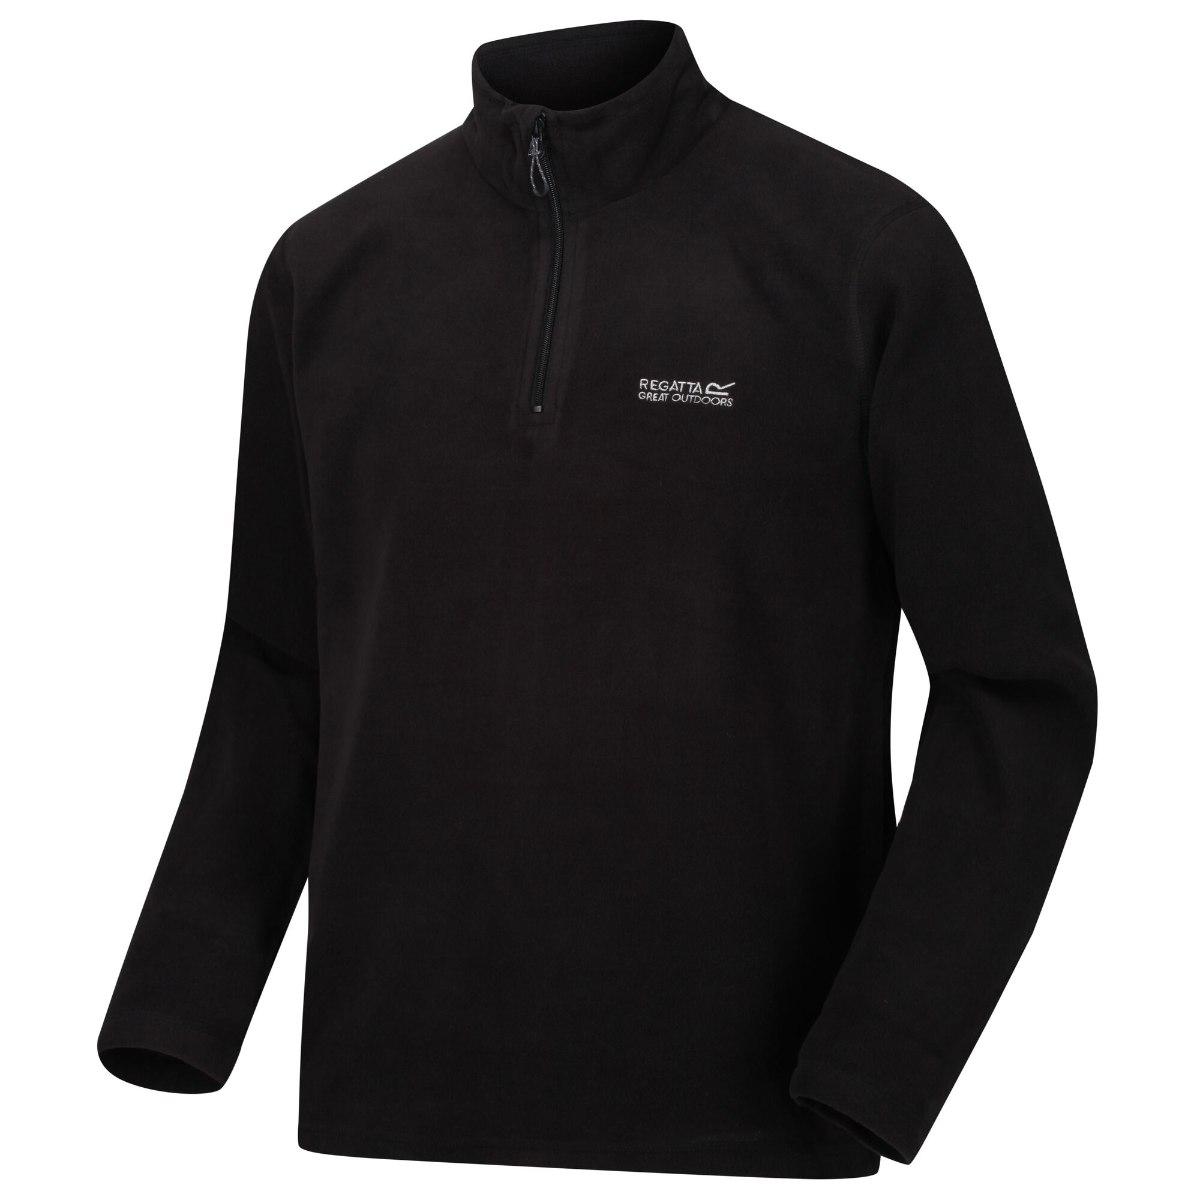 חולצת מיקרופליז גברים דגם Thompson שחורה מבית מותג אופנת המטיילים הבריטית Regatta Great Outdoors